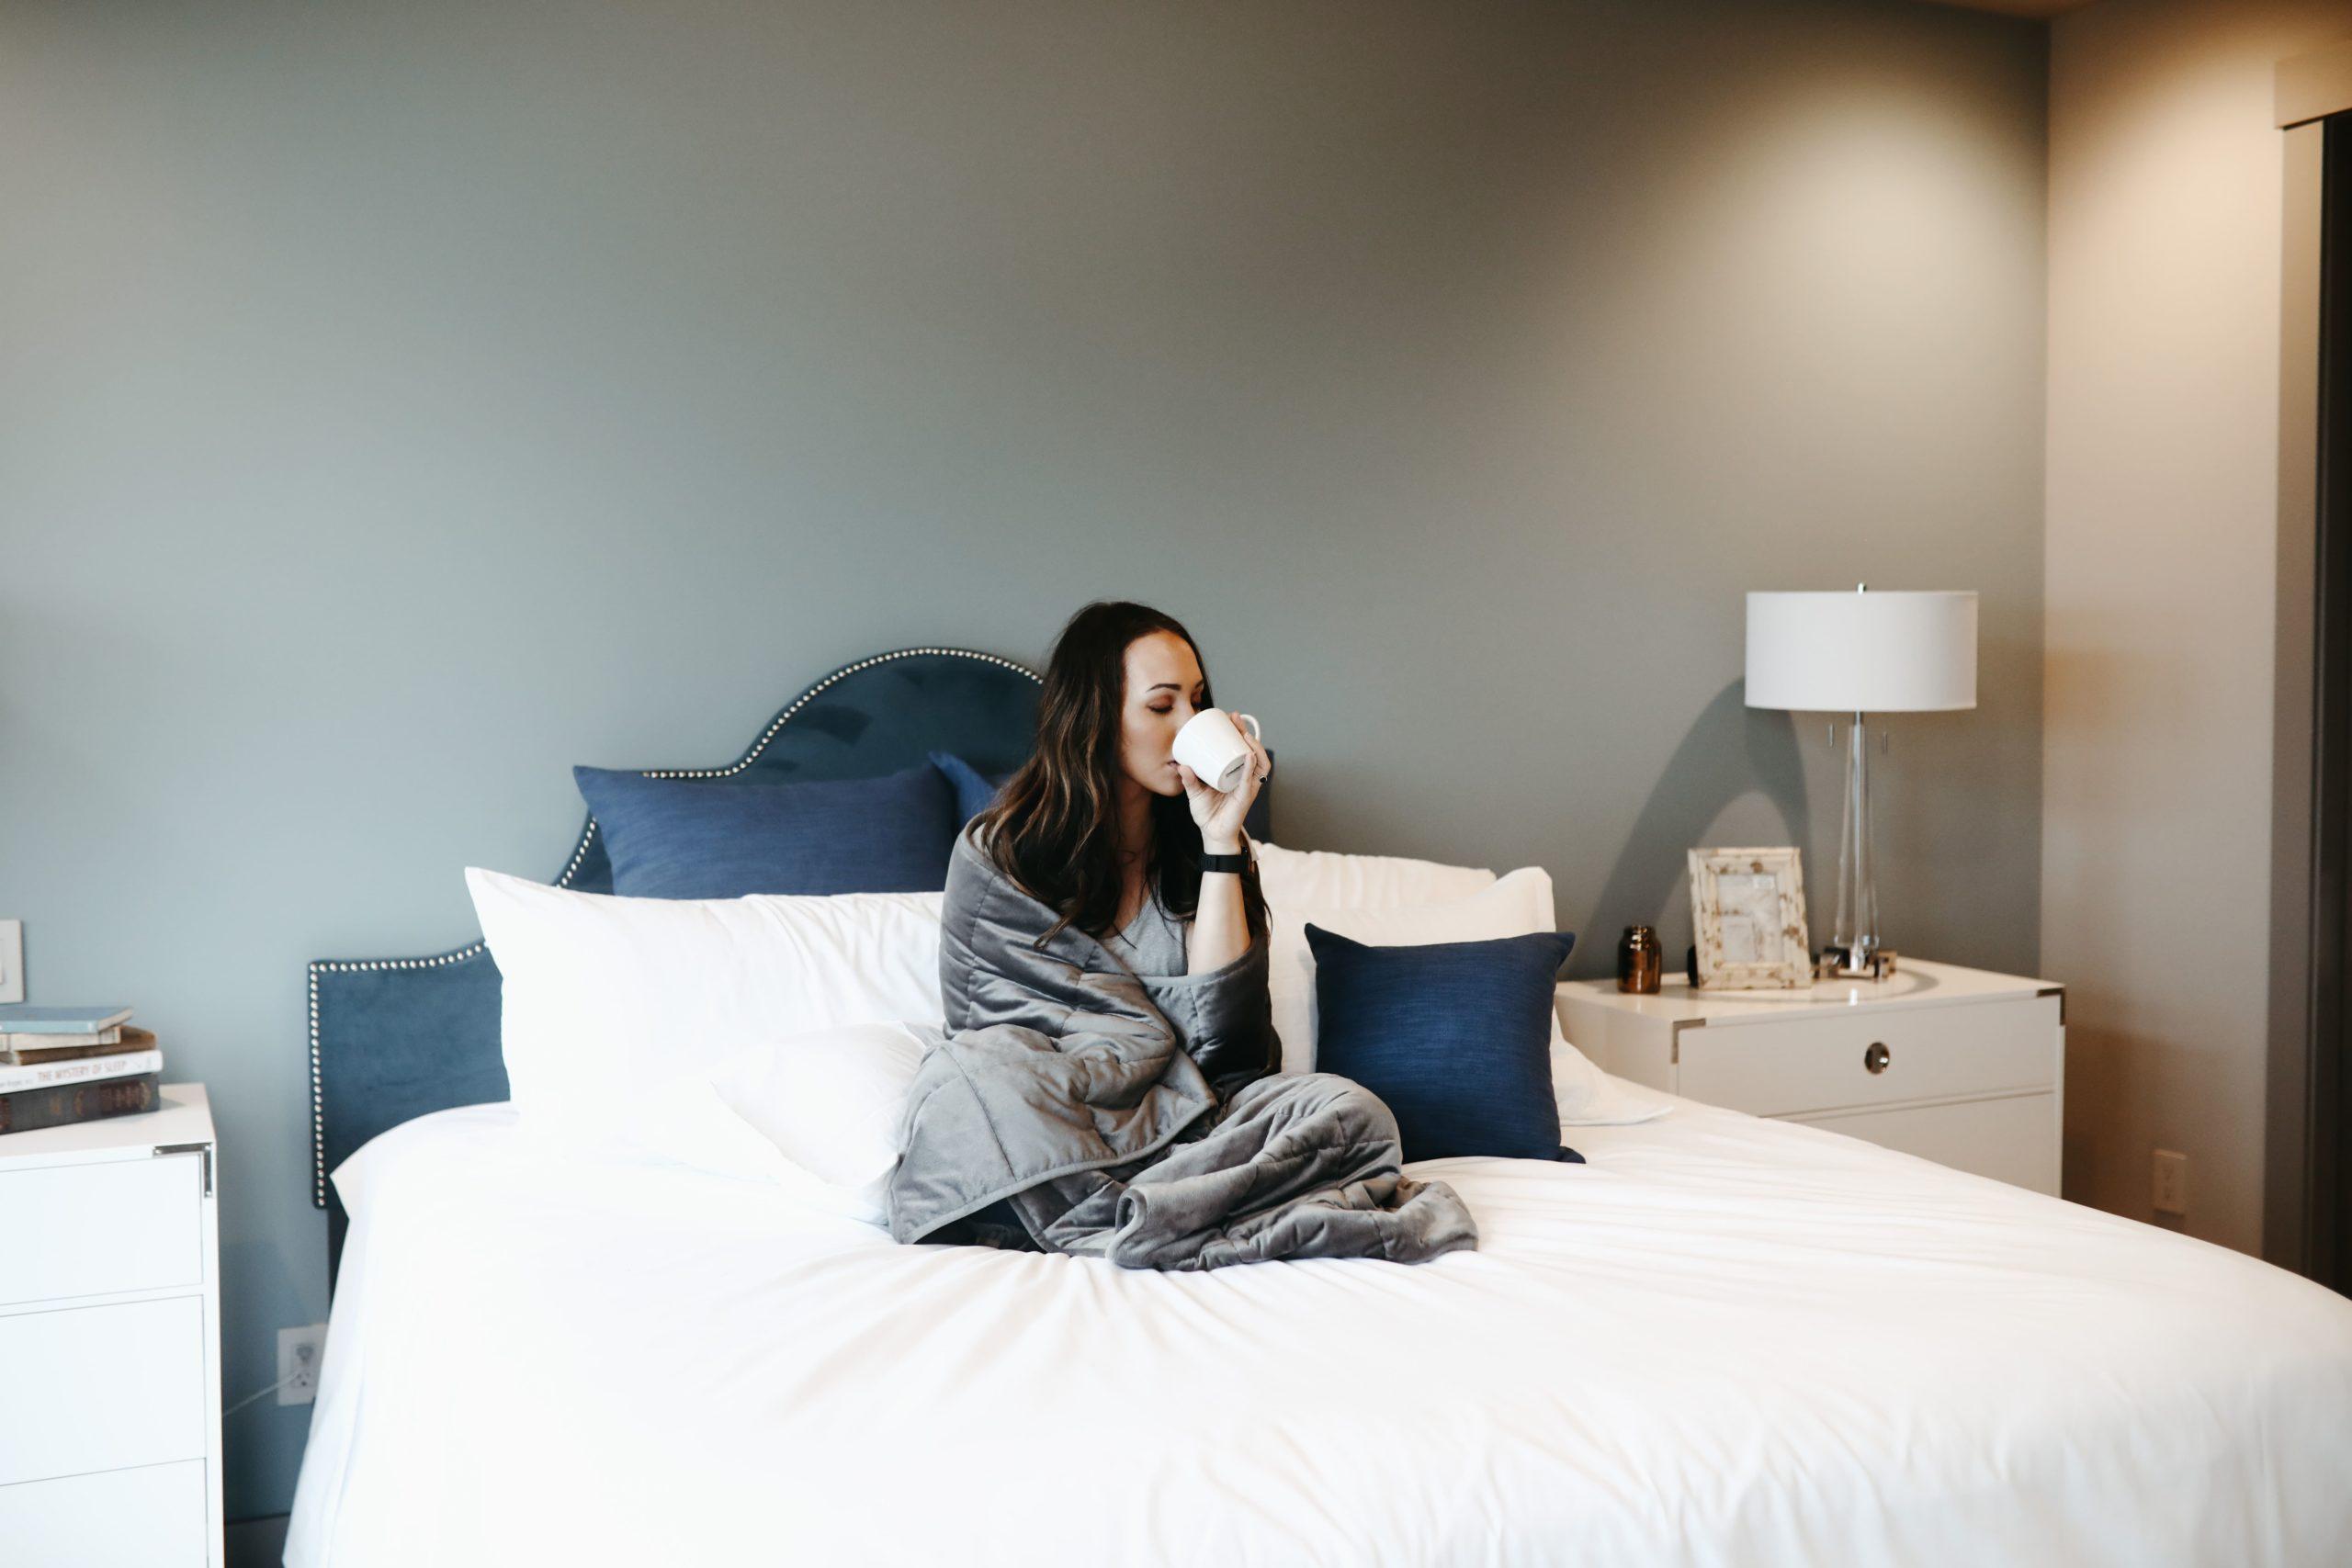 ベッドの上でコーヒーを飲む女性